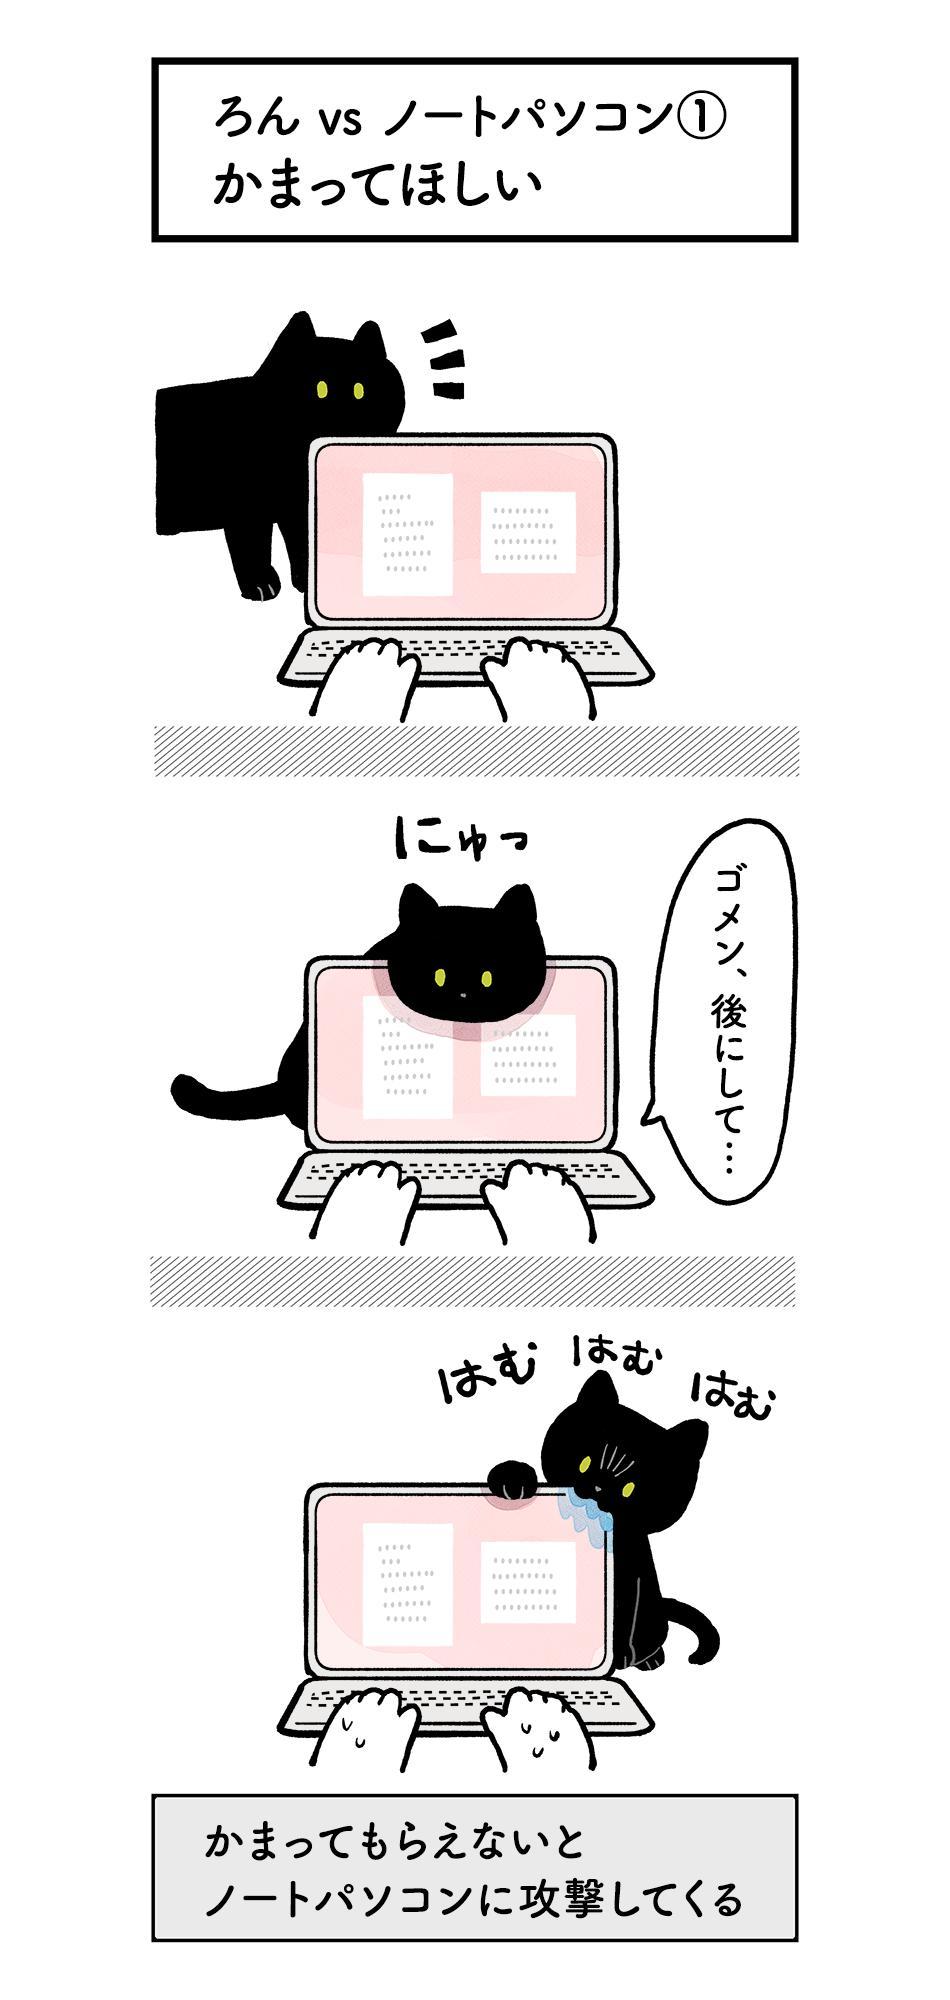 ノートパソコン踏むのだけはやめてほしいな〜!っていう絵日記 #ろんの絵日記